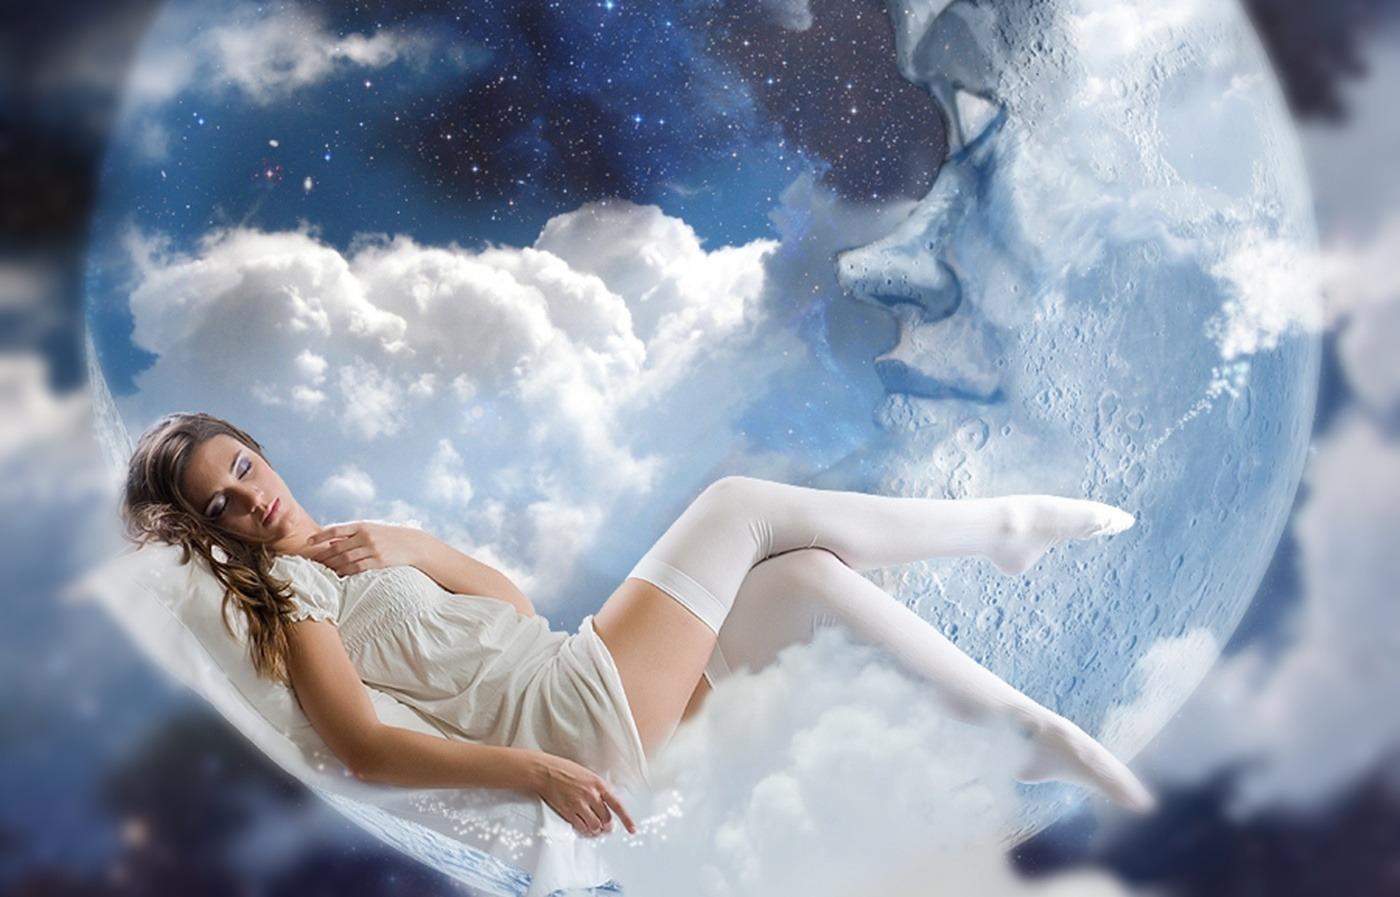 термобелье видеть во сне девочек с моим именем все ВОДОЛАЗКИ